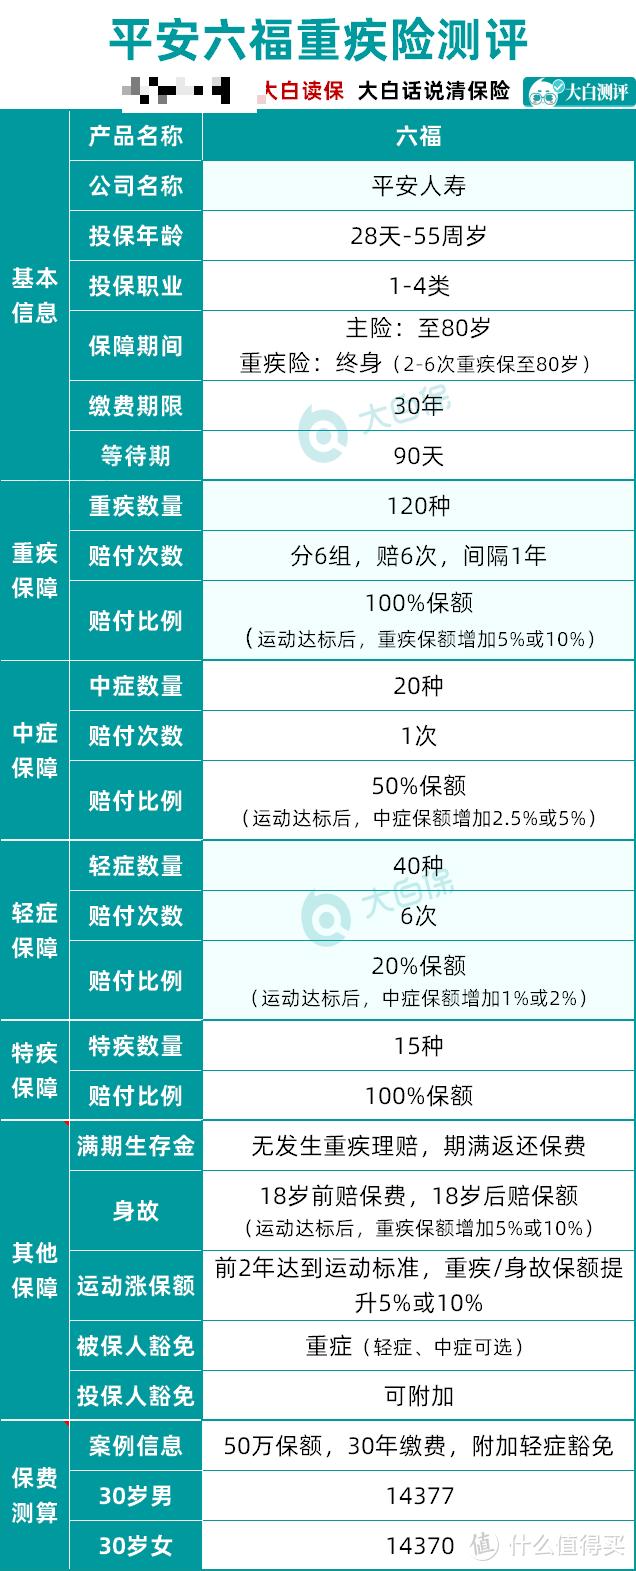 平安六福:重疾能赔6次,80岁还能返还保费!